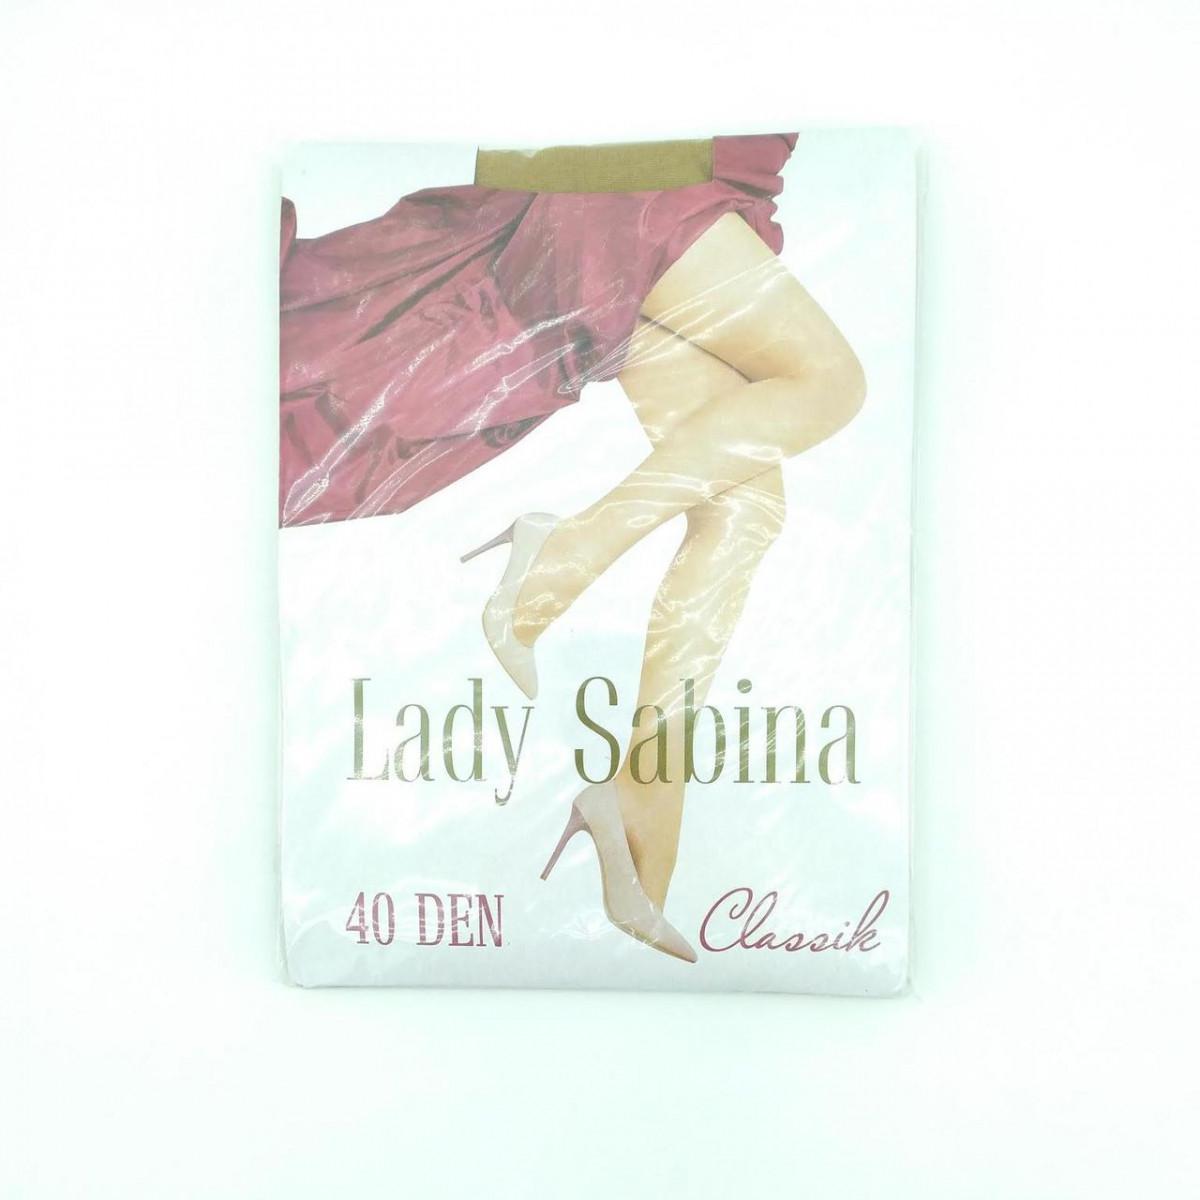 Колготки капроновые женские Lady Sabina, 40DEN, классика, размер 5, бежевые, 20024956